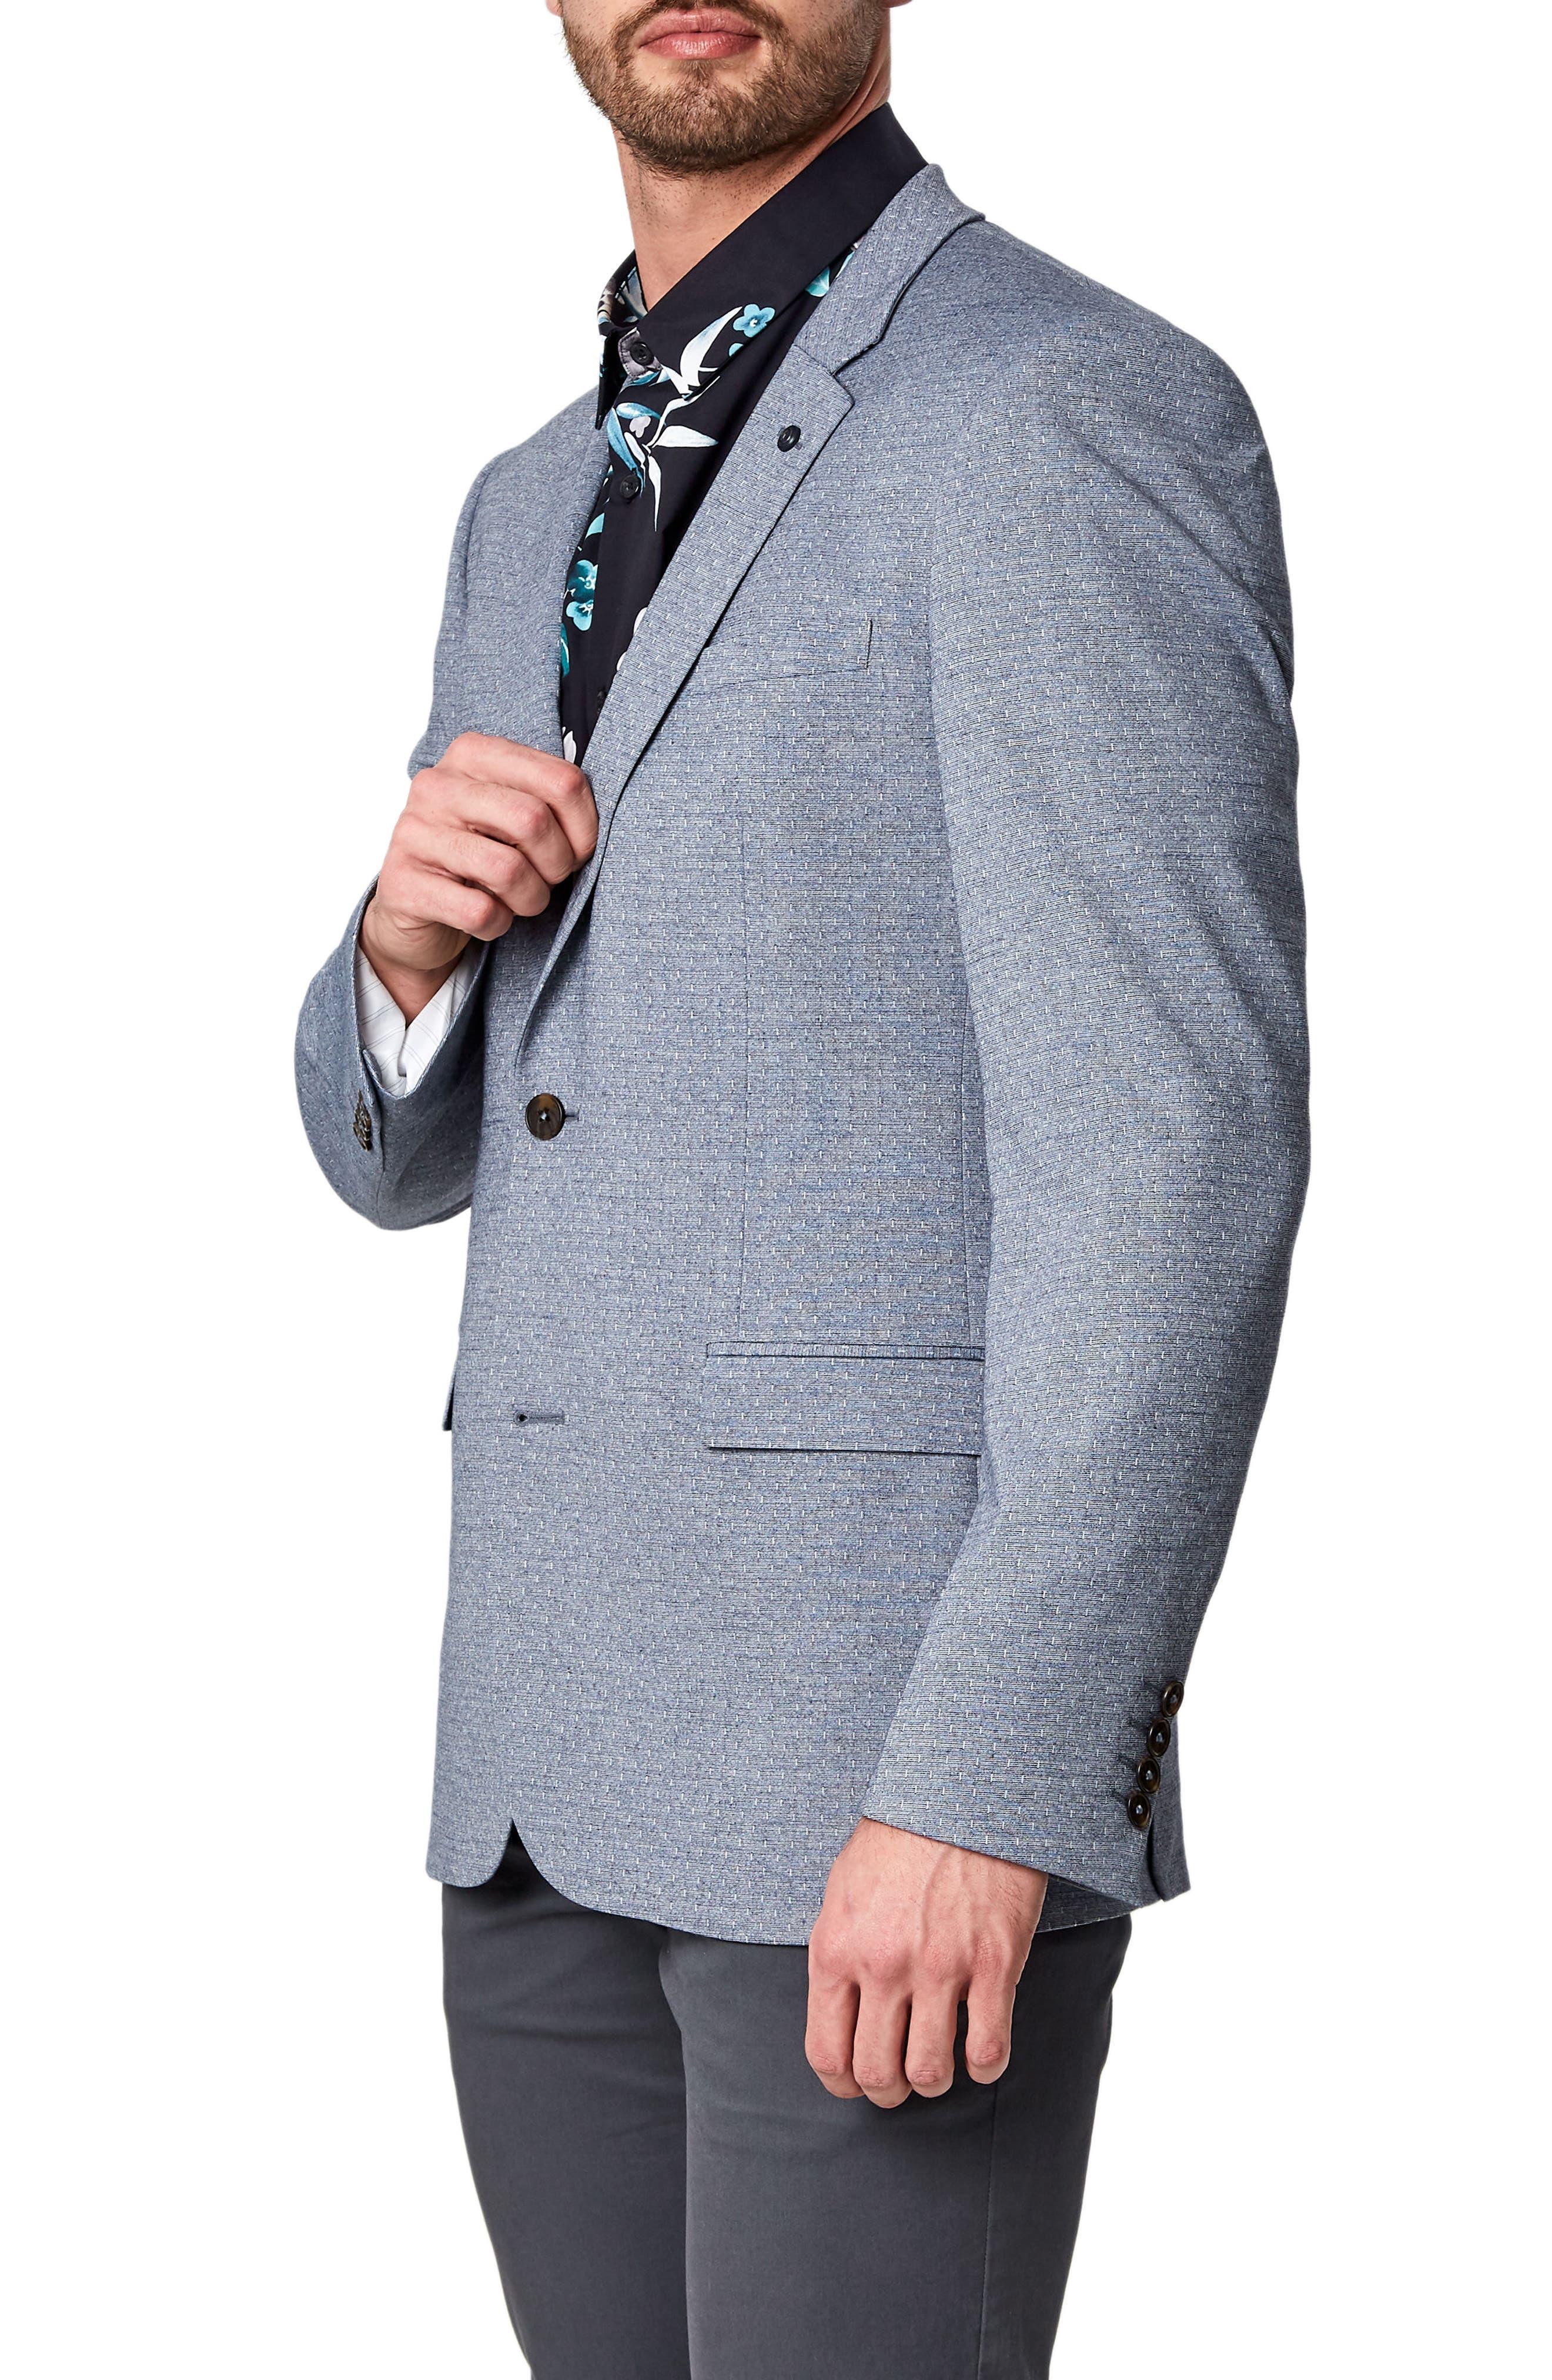 Felico Trim Fit Sport Coat,                             Alternate thumbnail 3, color,                             Navy